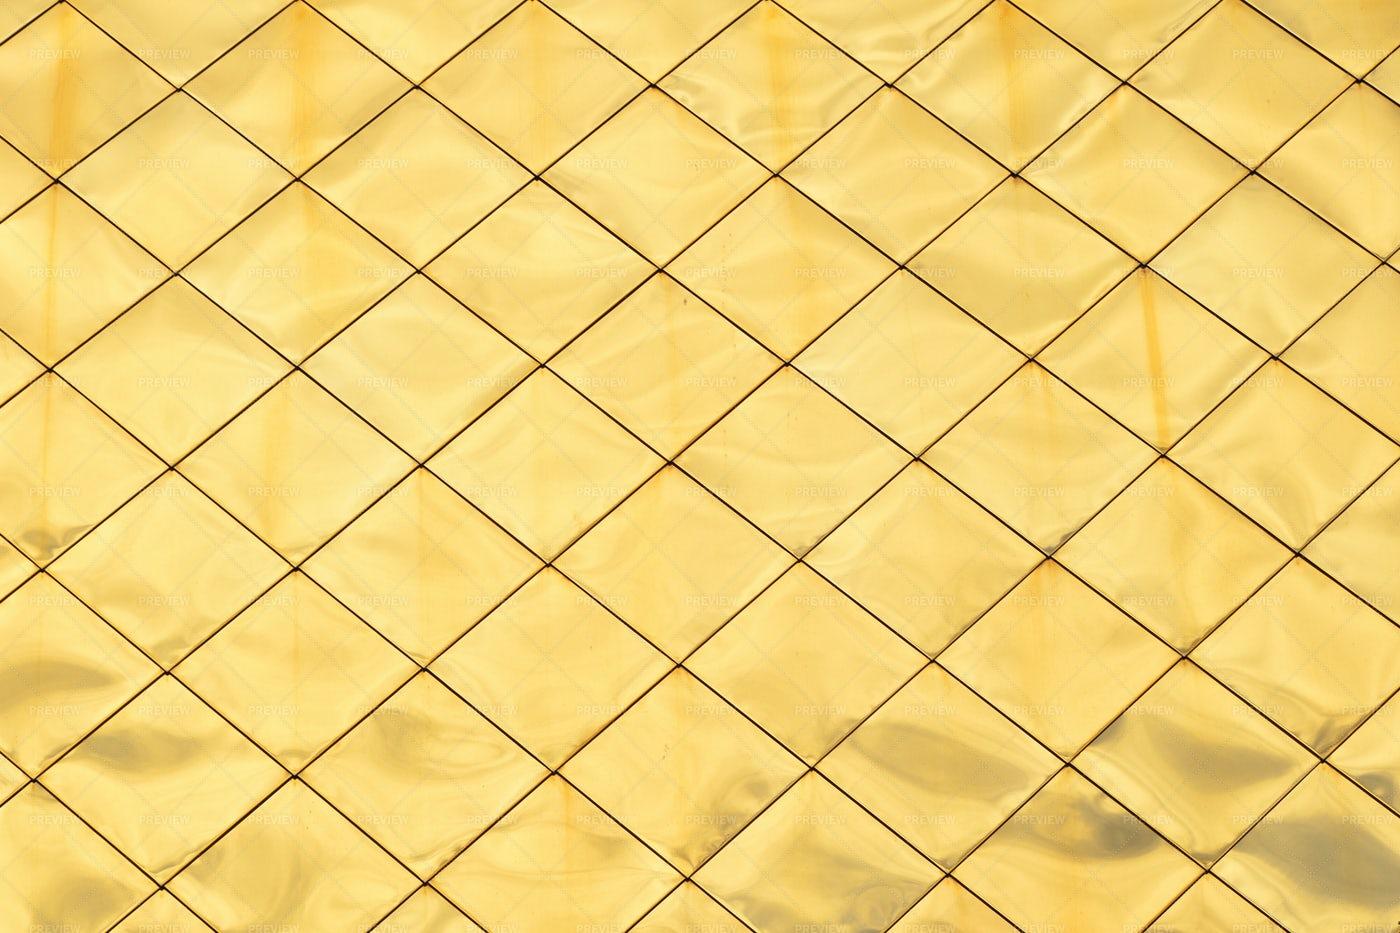 Golden Metal Panels: Stock Photos